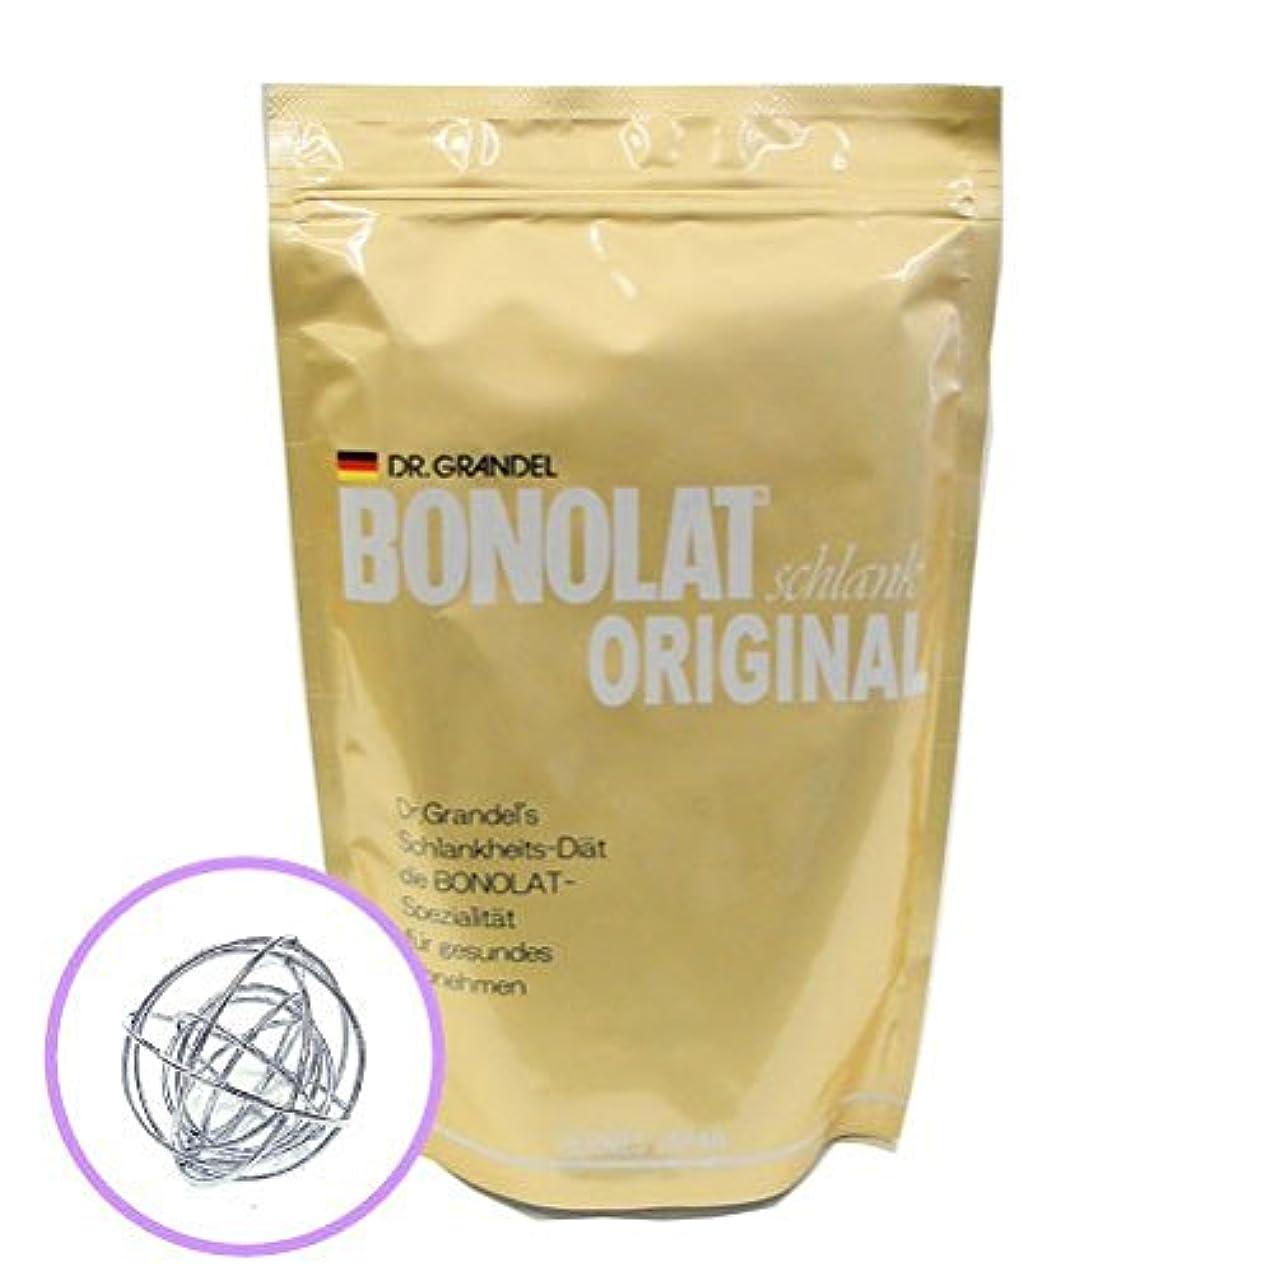 栄養すでに不安定なボノラート?オリジナル 600g(20杯分) 無添加 乳プロテイン【シェイクボール付き】